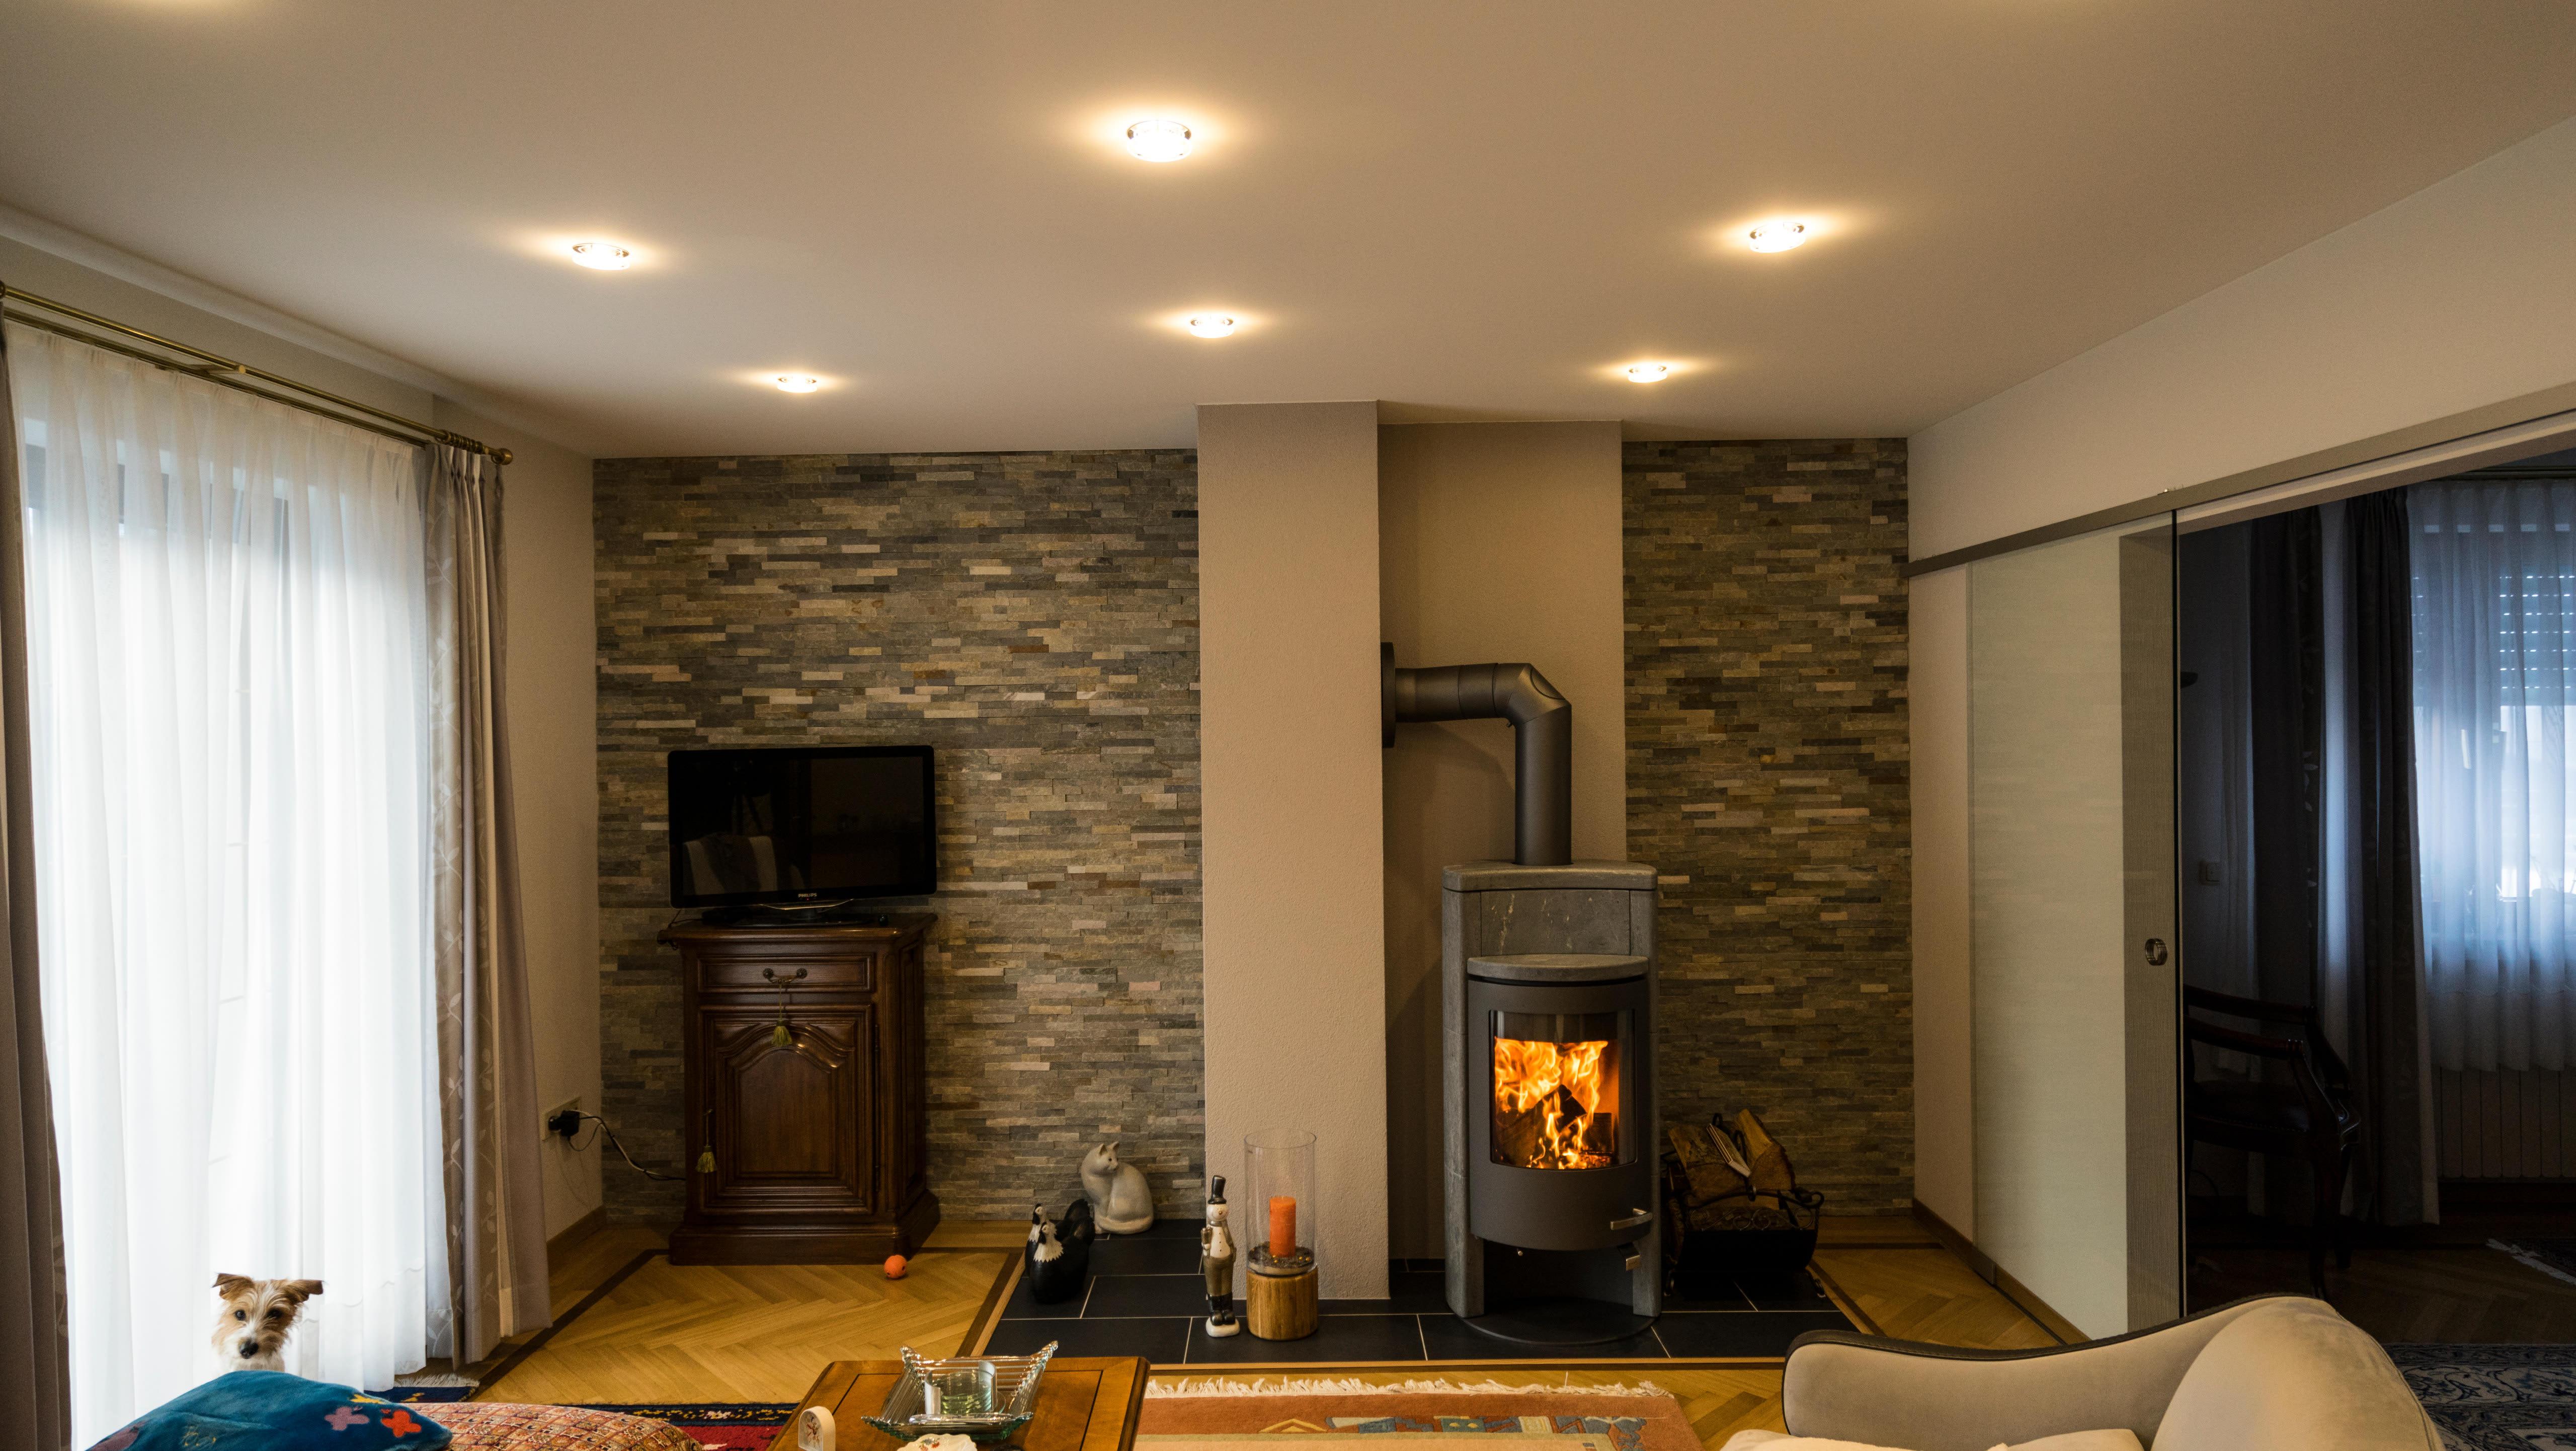 Beleuchtungskonzept mit stilvollen Einbaustrahlern im klassischen Wohnzimmer.